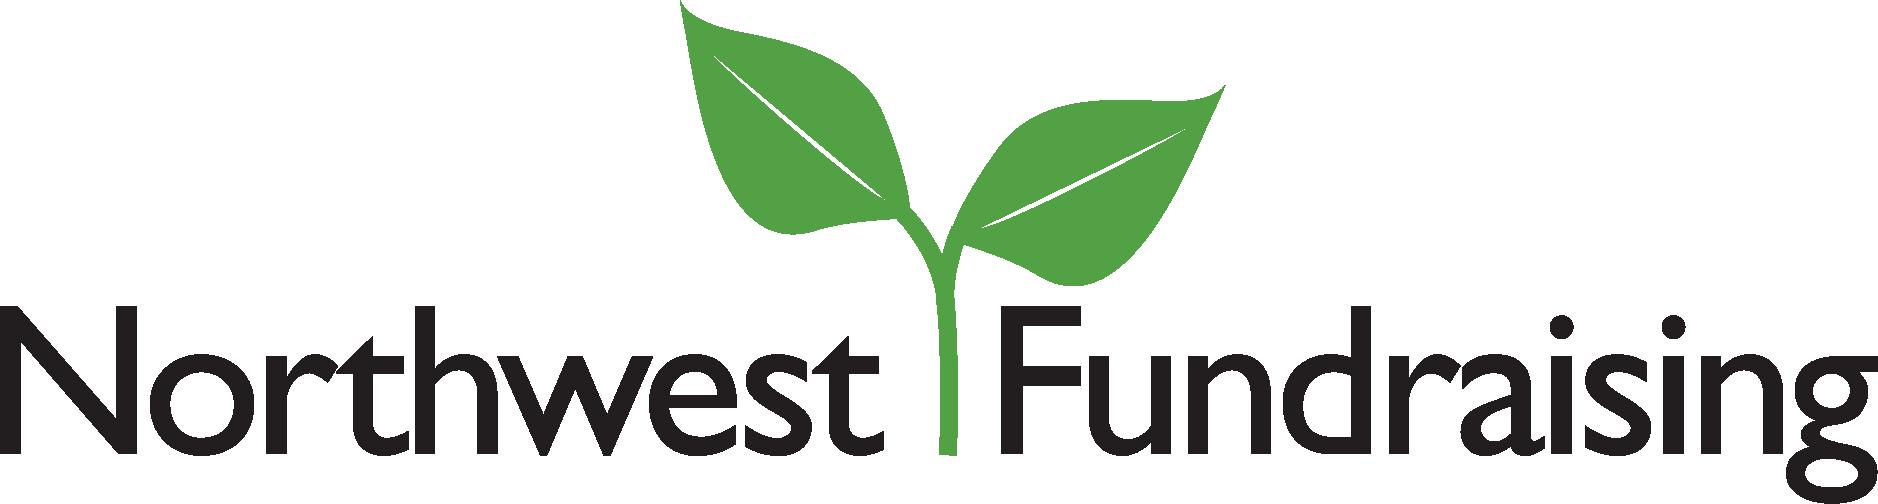 Northwest Fundraising